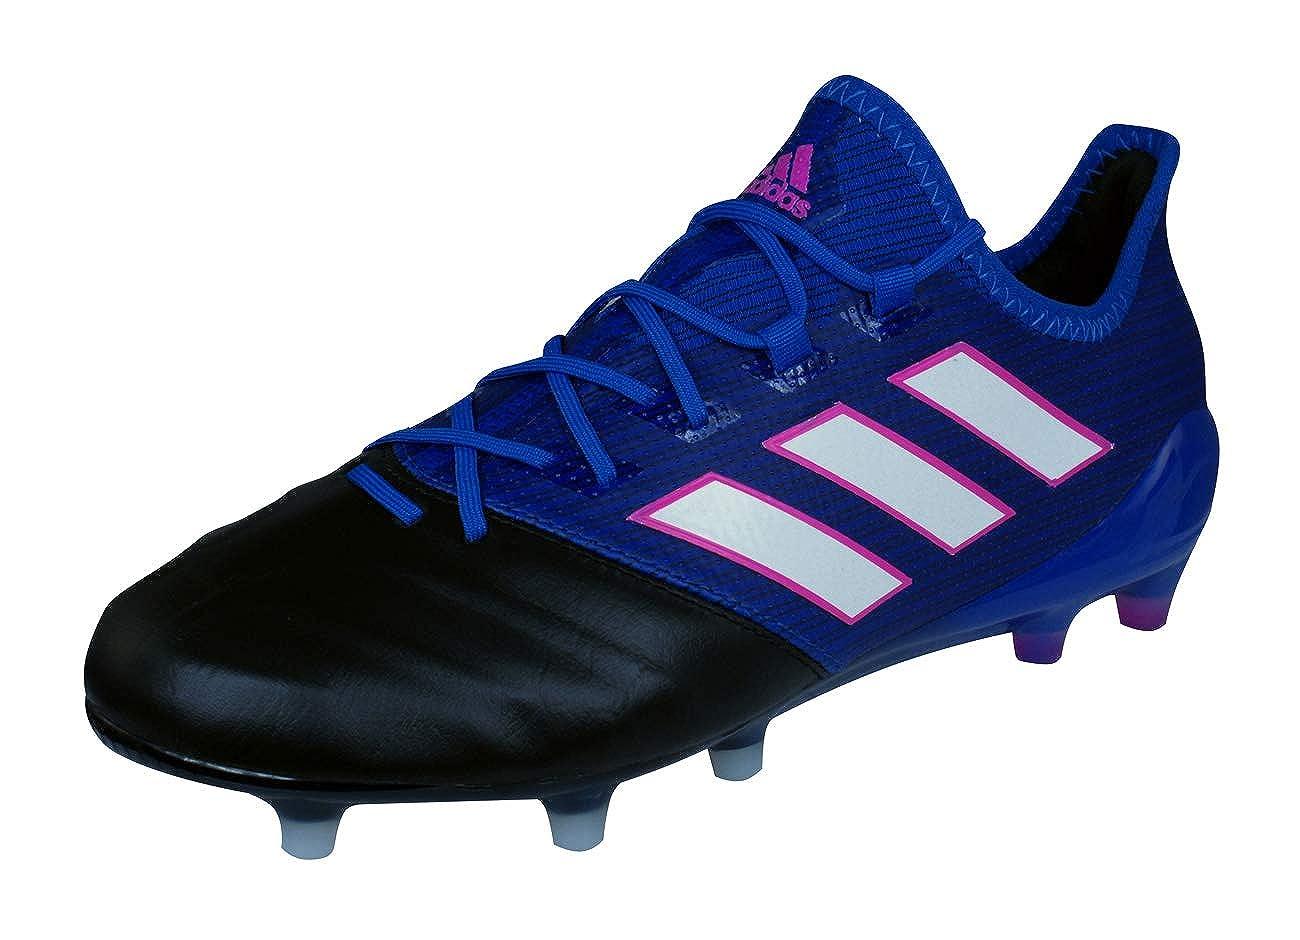 Adidas Ace 17.1 Leder Fg - Blau ftwwht cschwarz